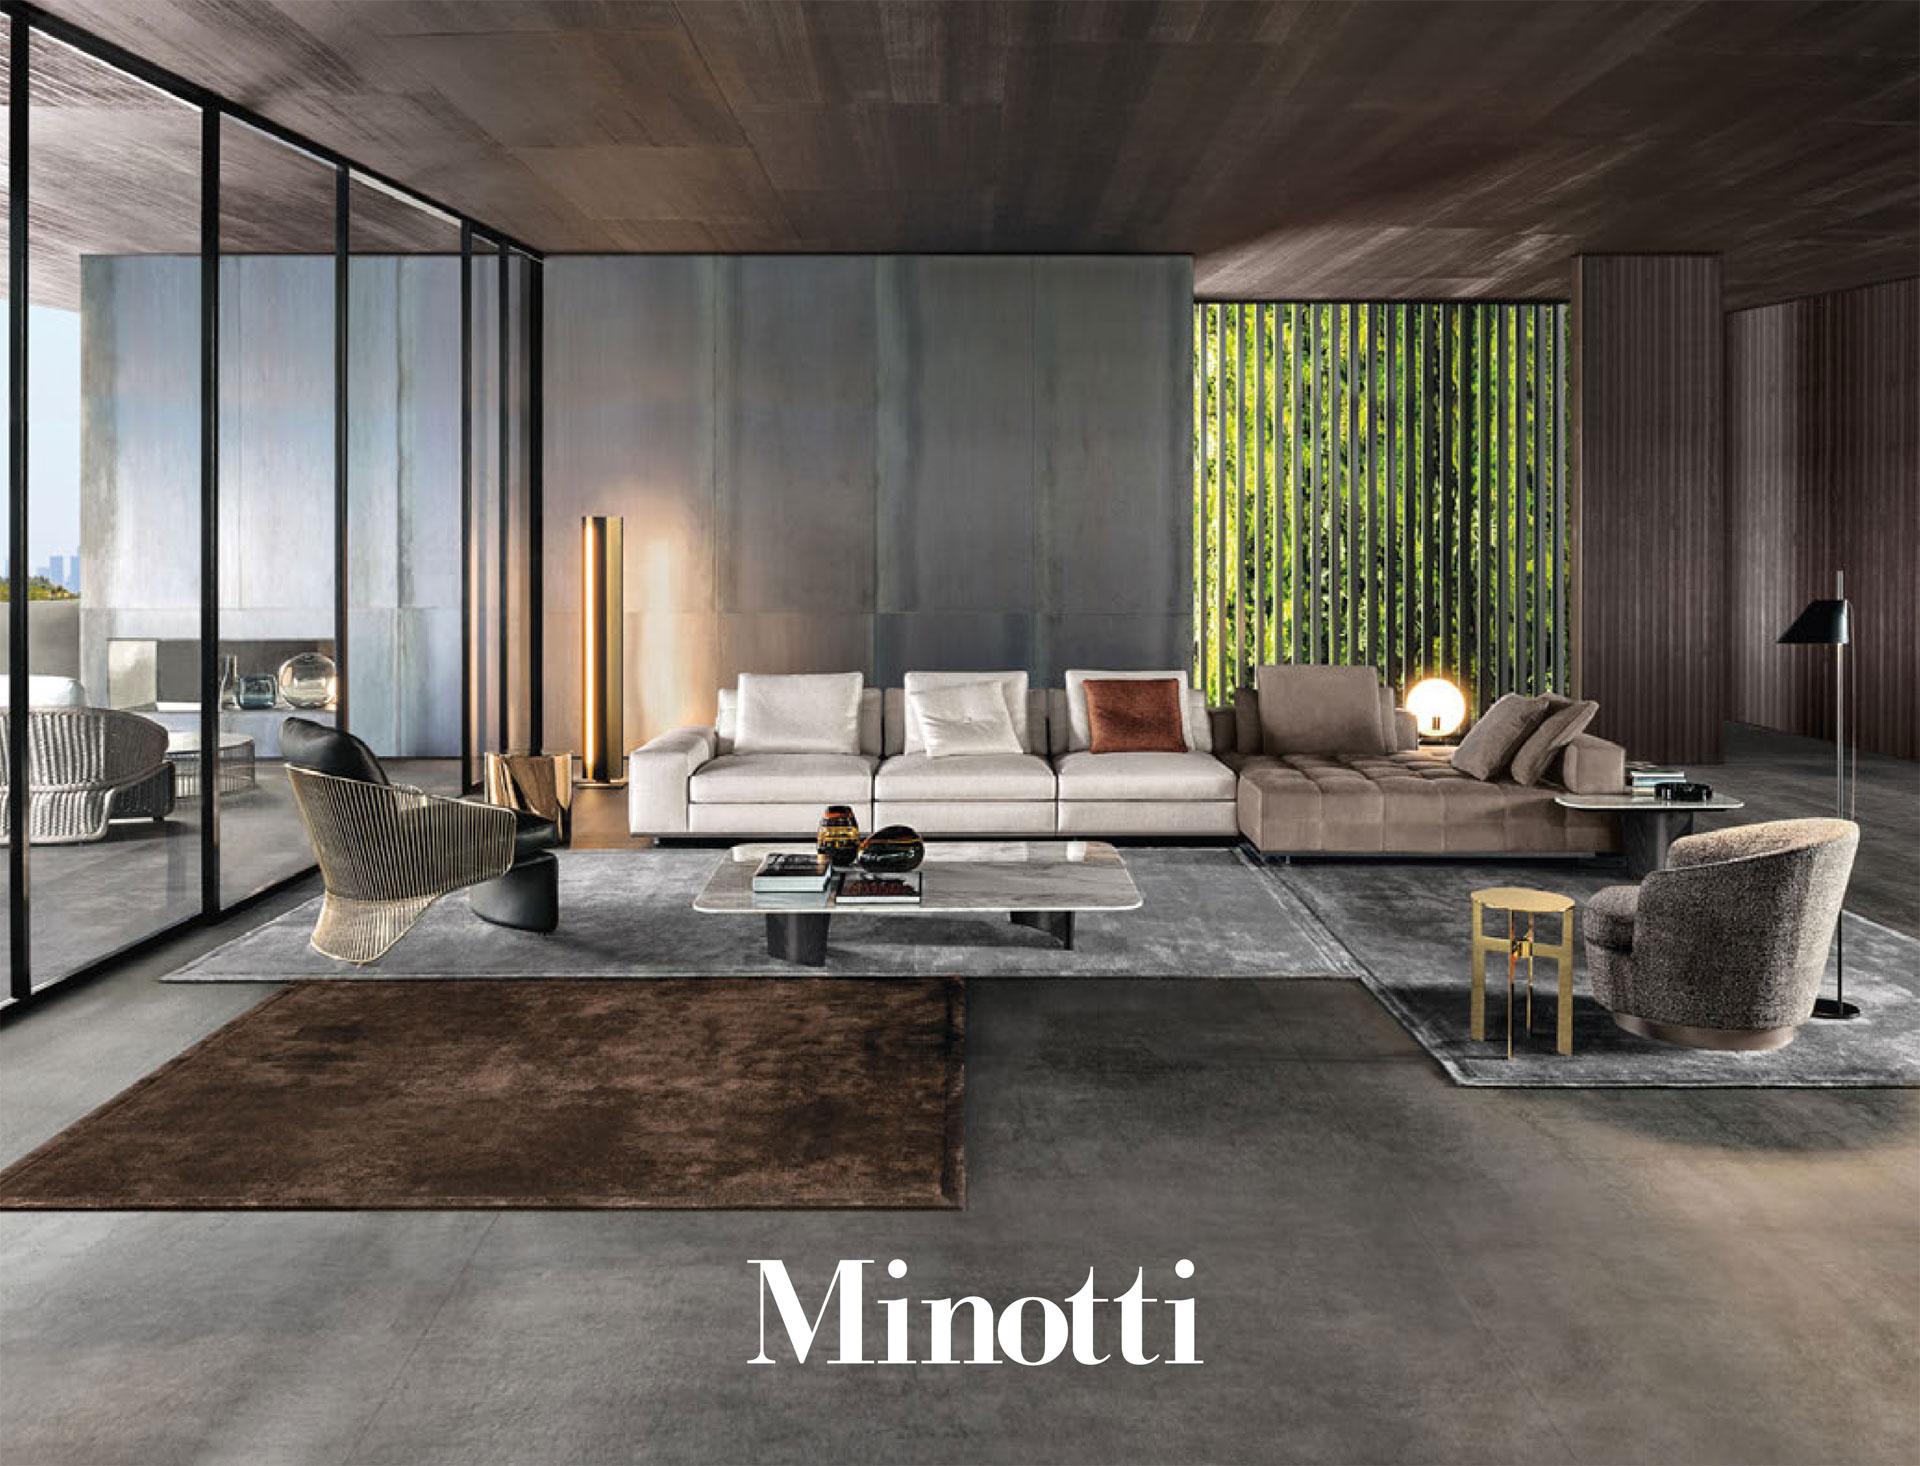 M-Studio Reiter Altenmarkt | Minotti image 69